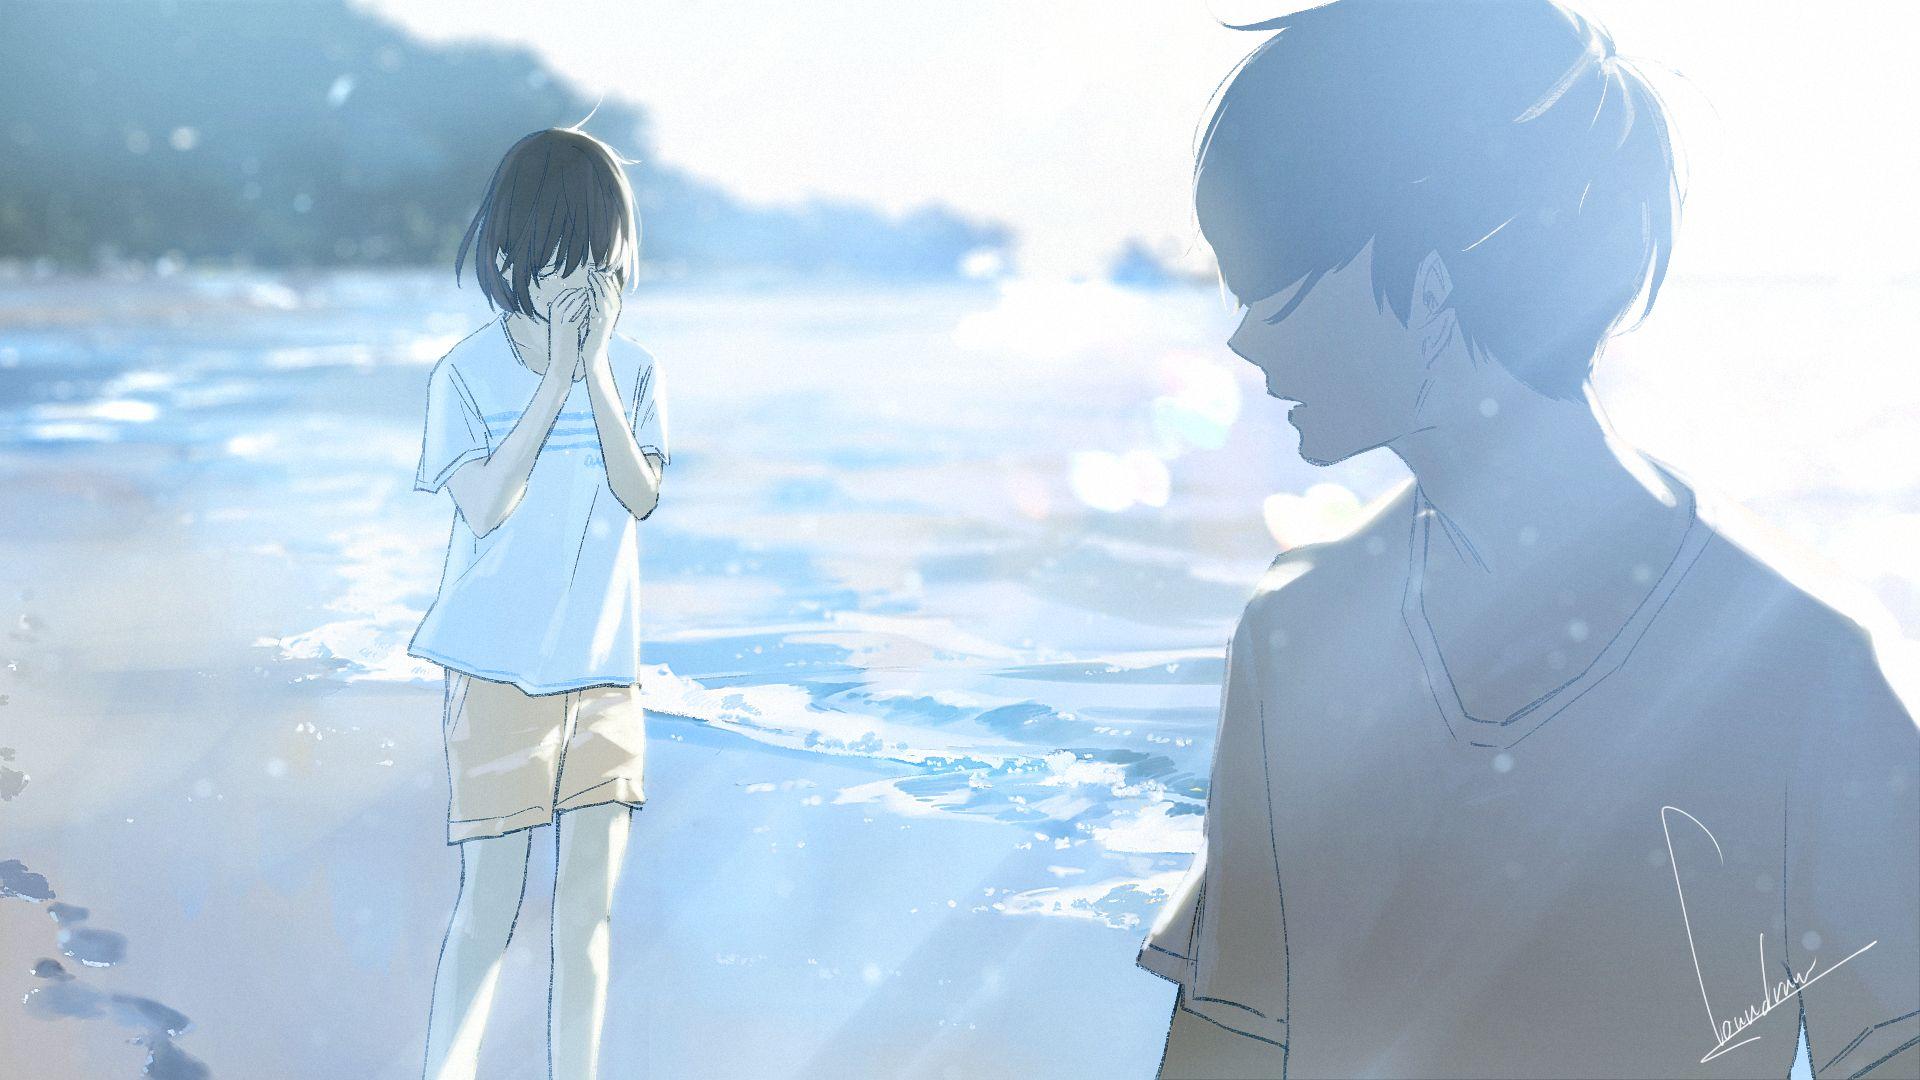 Pinterest | Anime scenery, Anime wallpaper 1920x1080, Anime wallpaper